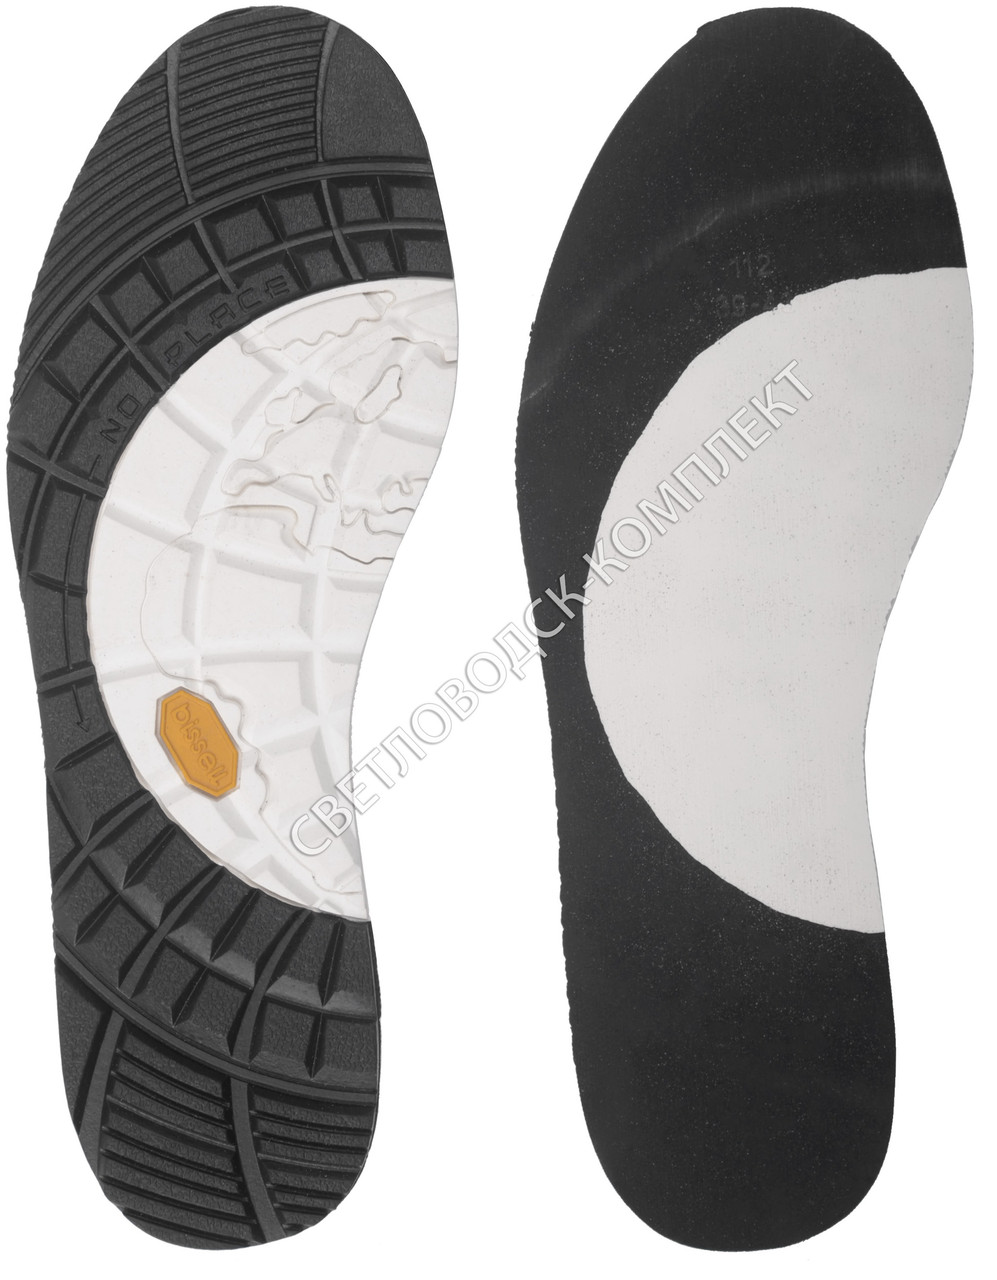 Резиновая подошва для обуви BISSELL, art.112, 39-40 р. - Светловодск-Комплект в Кировоградской области